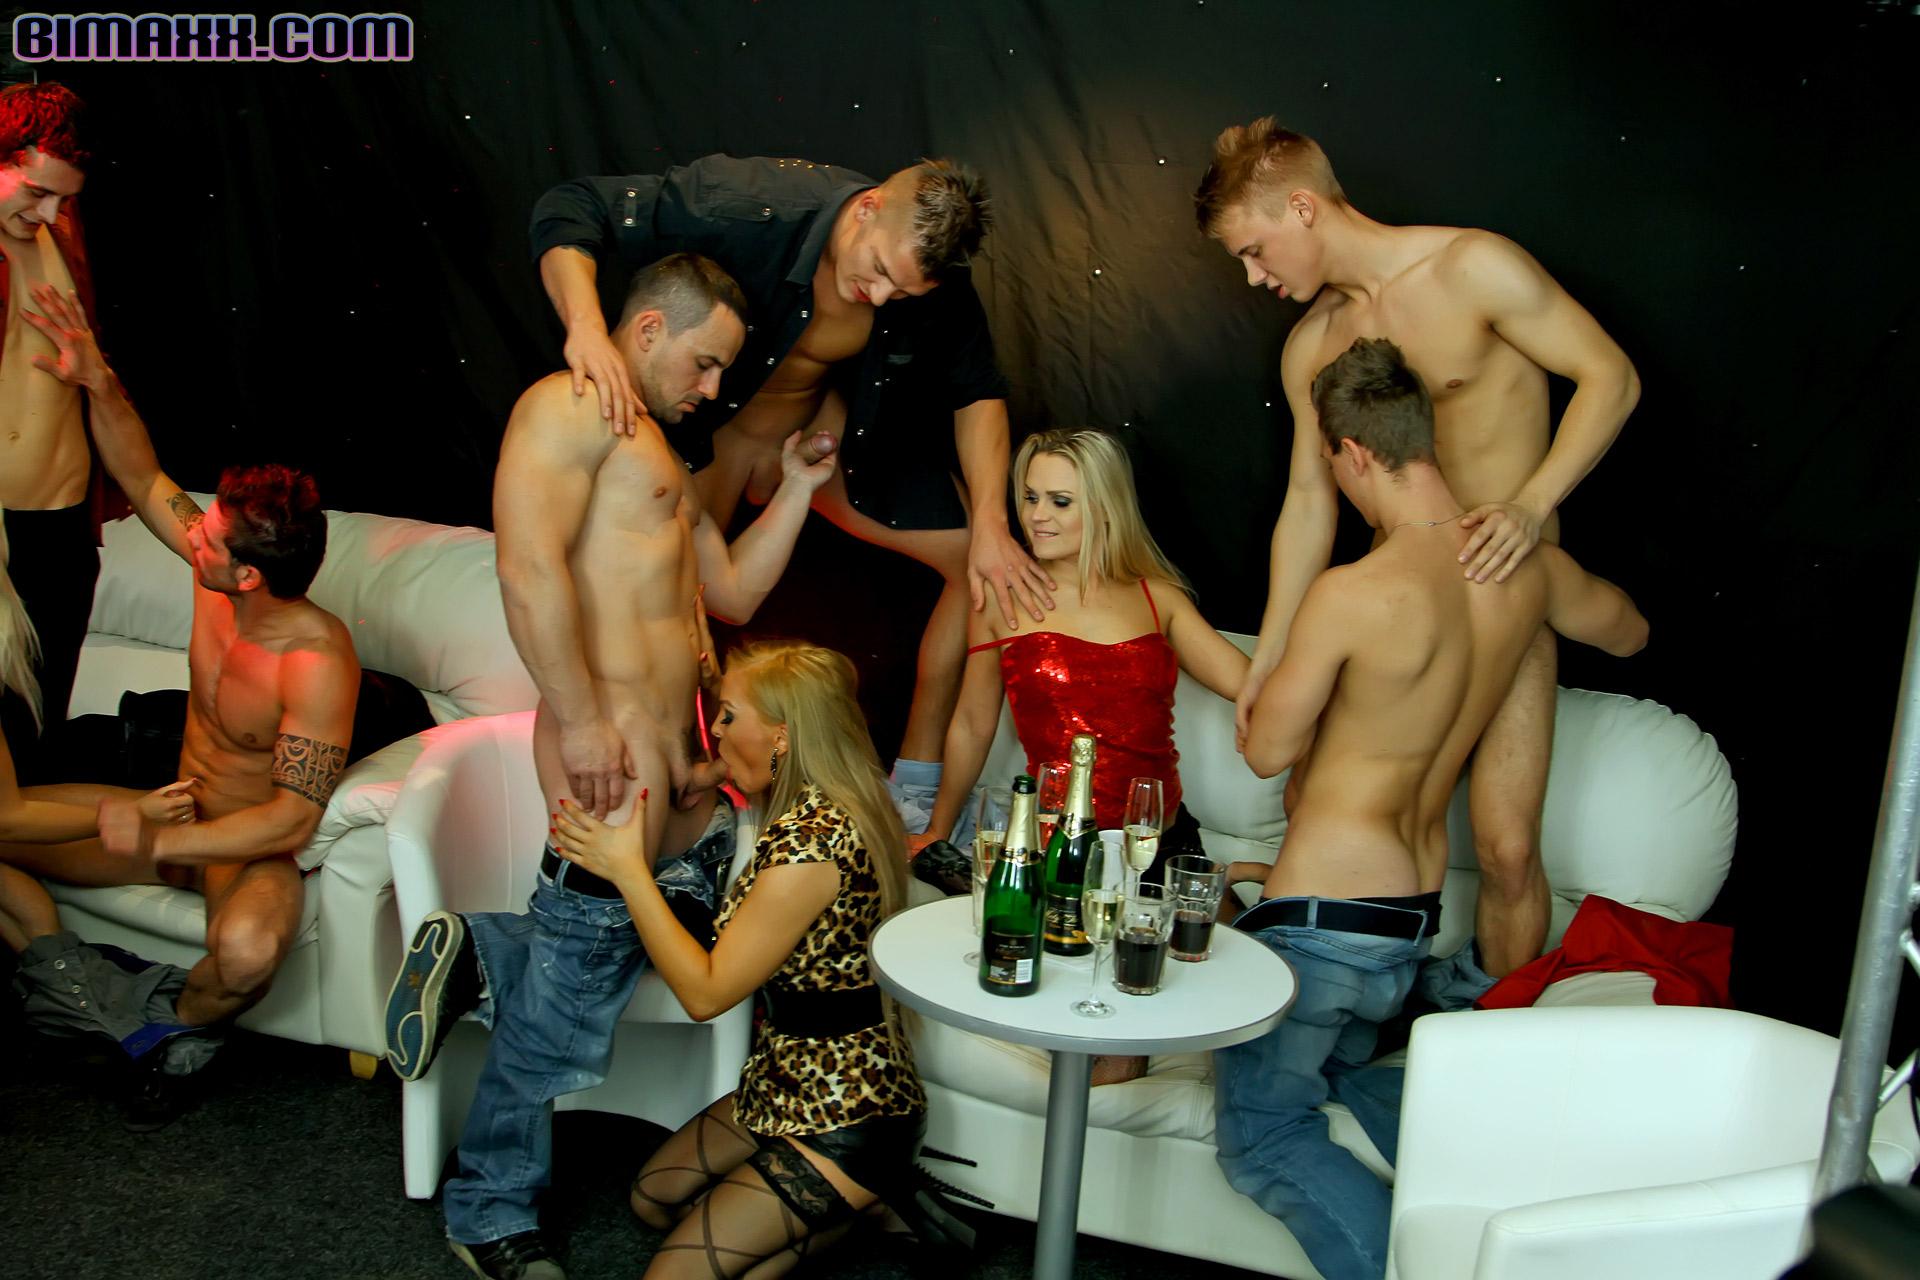 порно московские вечеринки смотреть